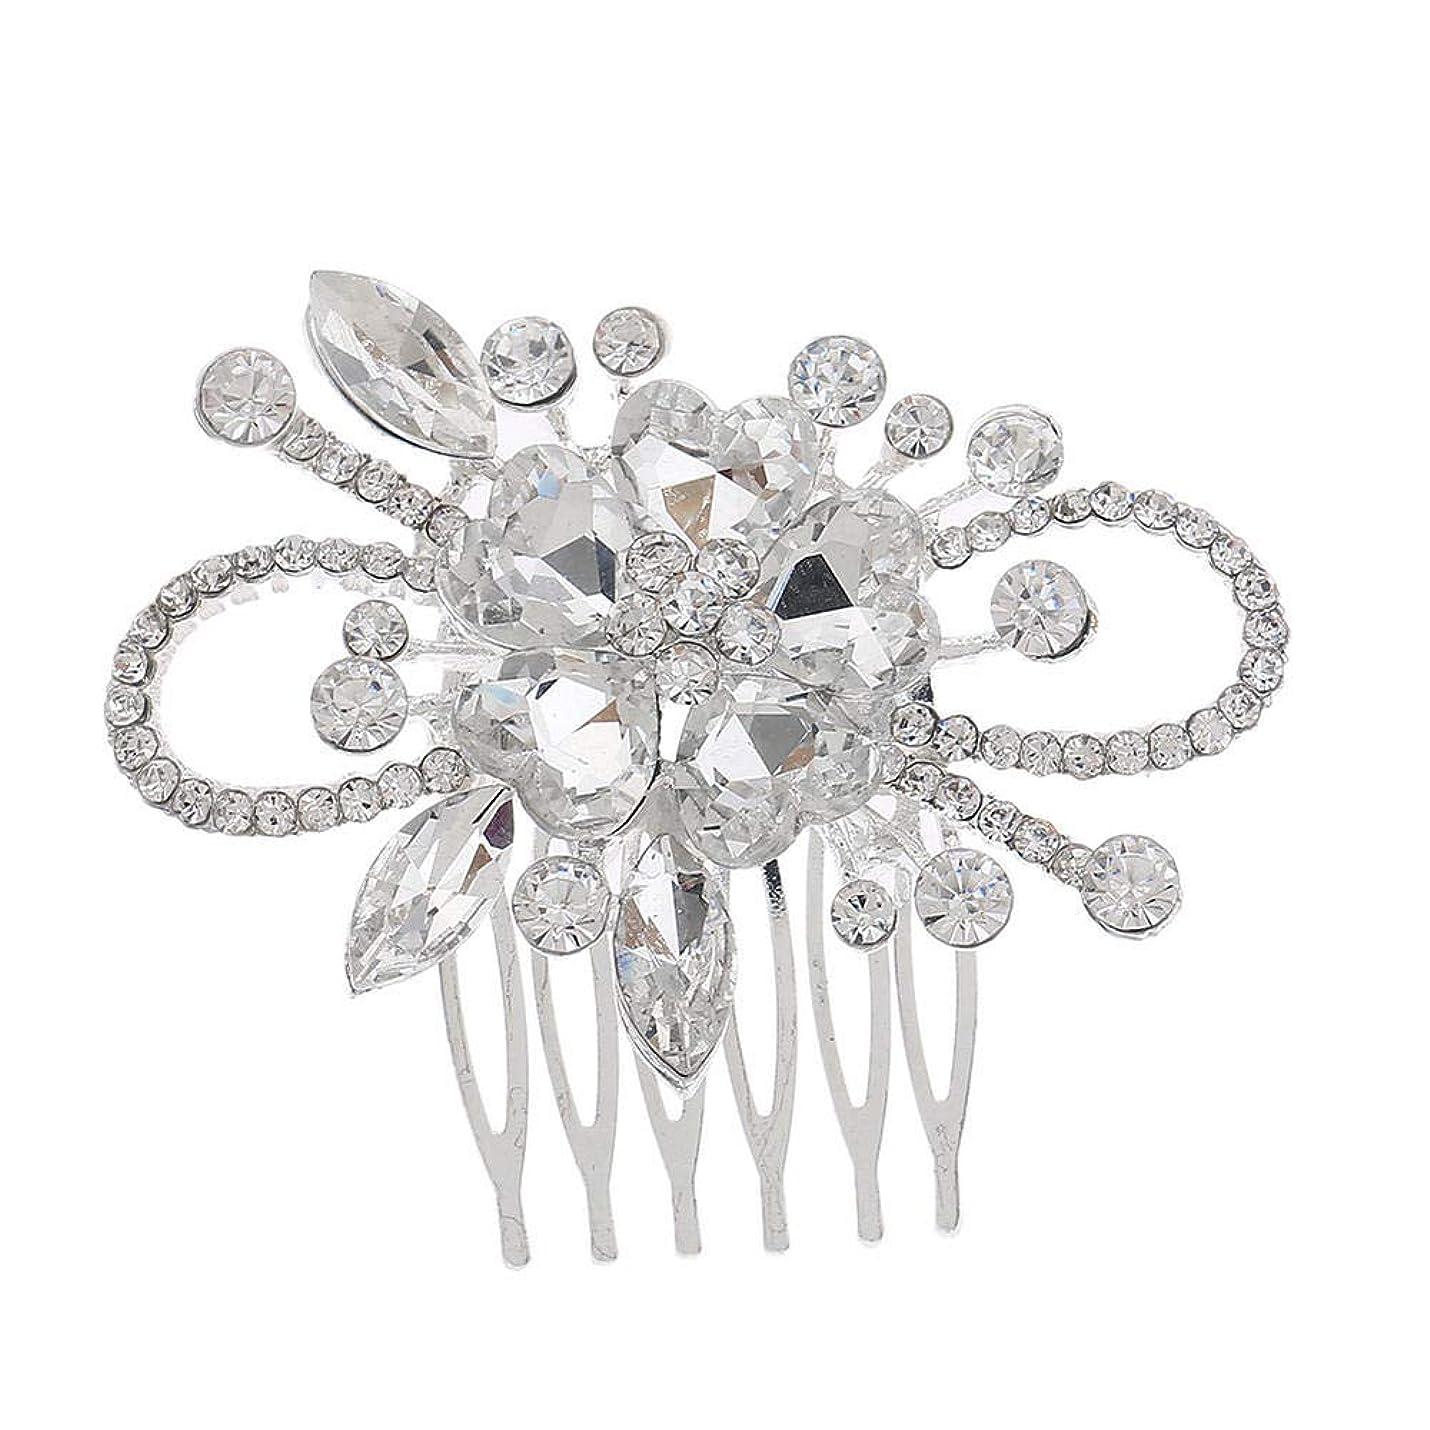 ダイヤモンド用語集抵抗ヘアコーム、コームコーム、ラインストーンコーム、ブライダルティアラ、ブライダルヘアコーム、結婚式のアクセサリー